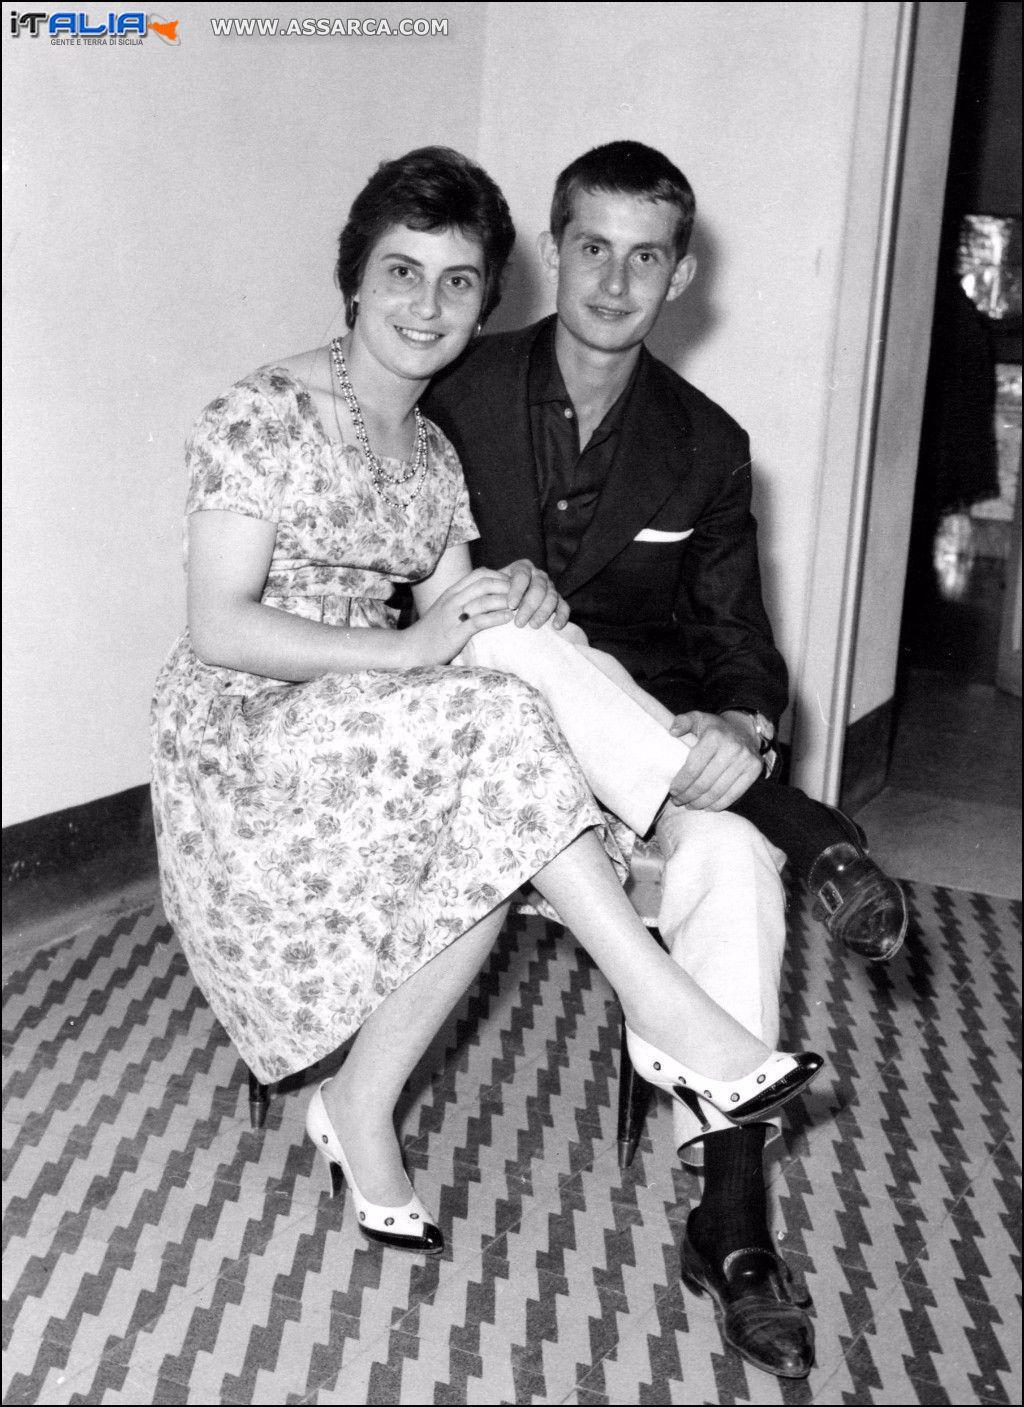 Con mia sorella Tina - fine anni 50